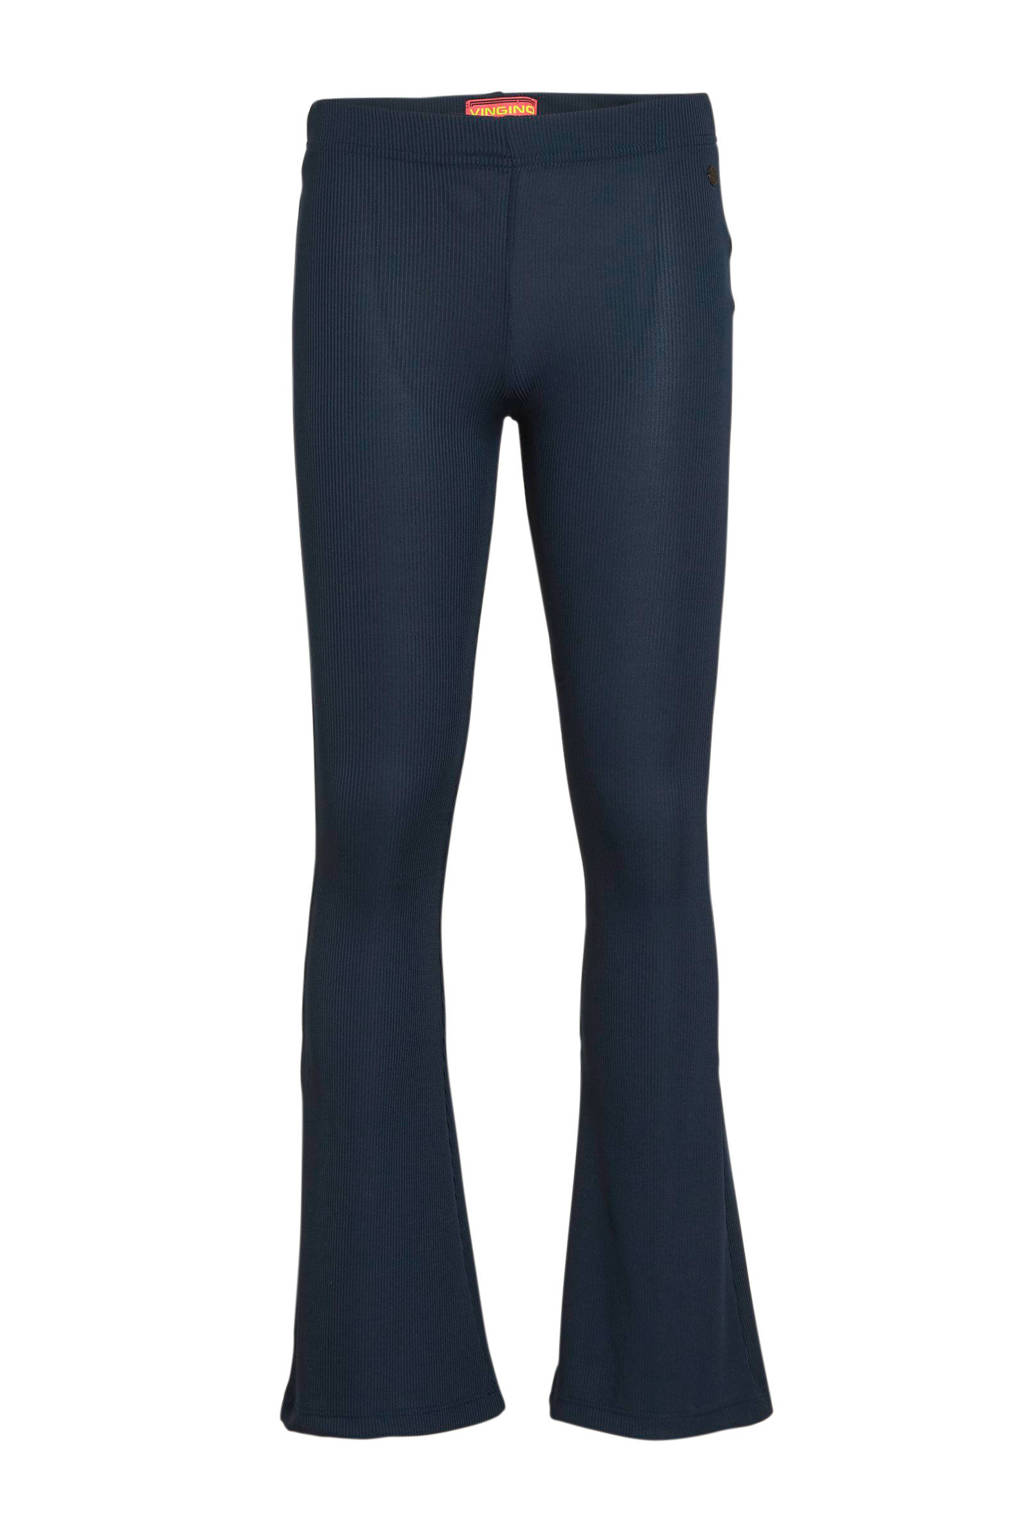 Vingino flared broek Stacy donkerblauw, Donkerblauw